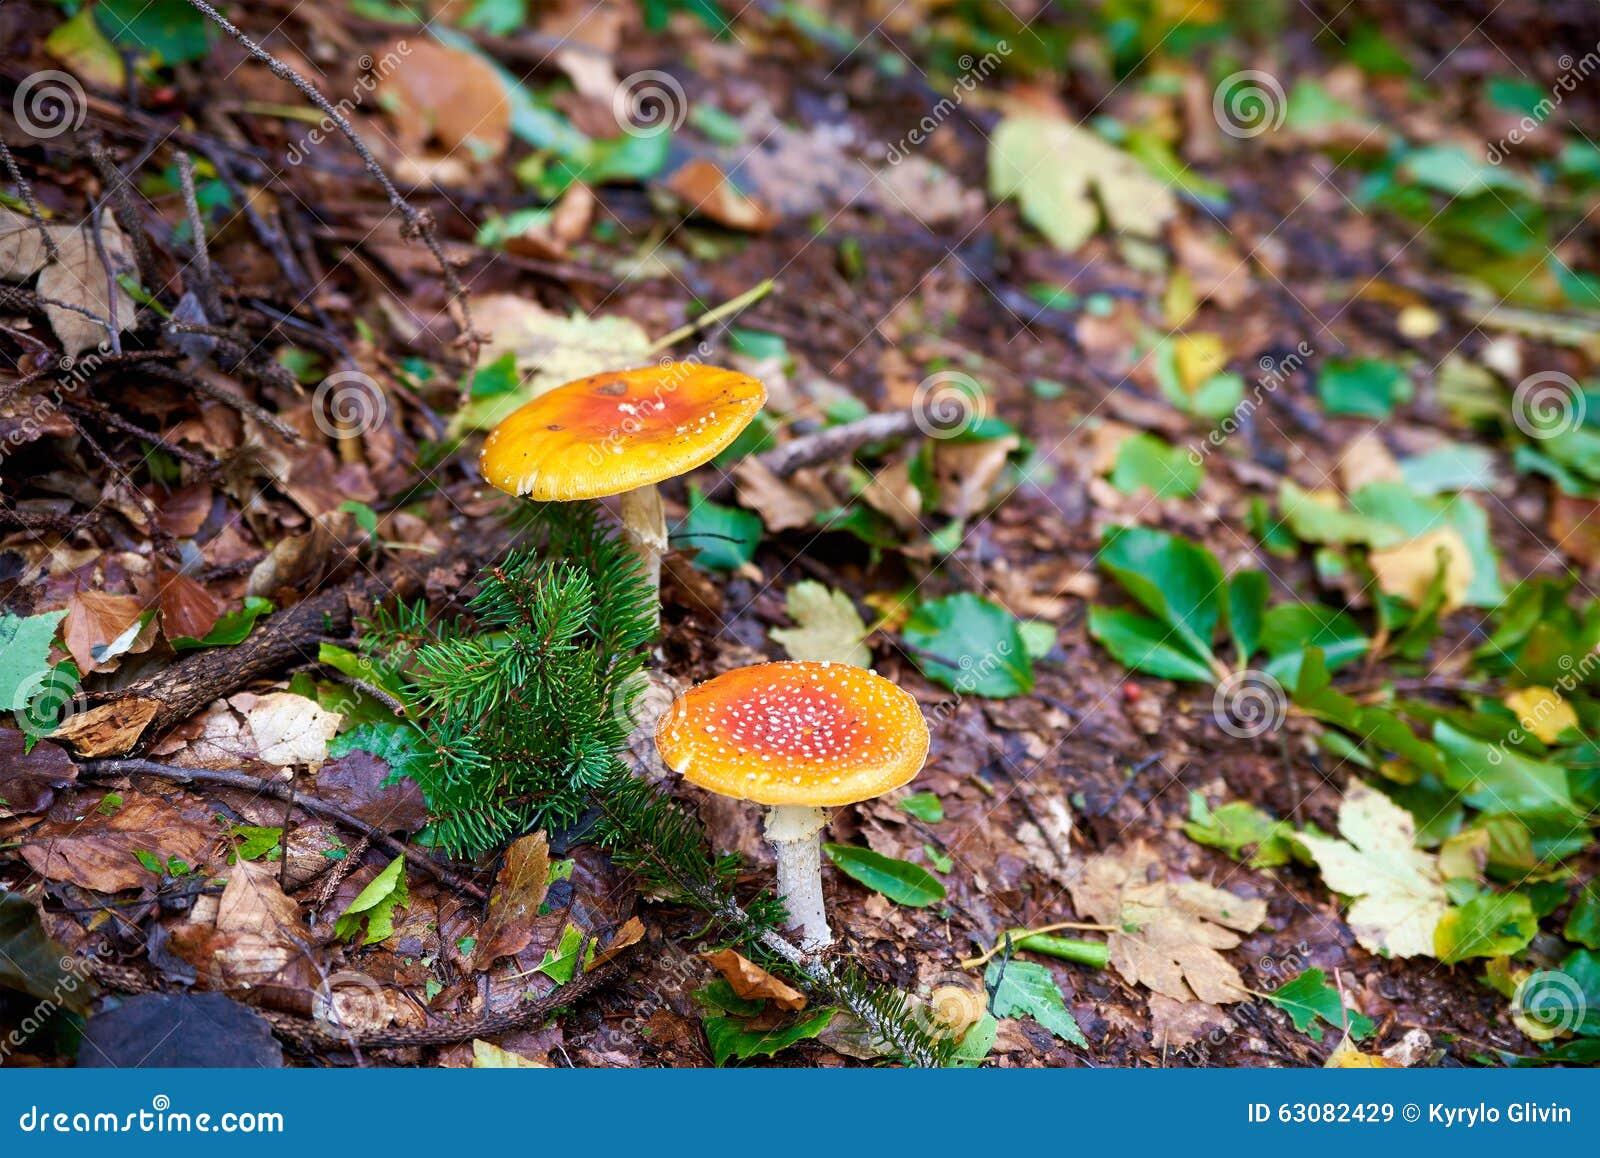 Download Champignons dans la forêt image stock. Image du branchement - 63082429